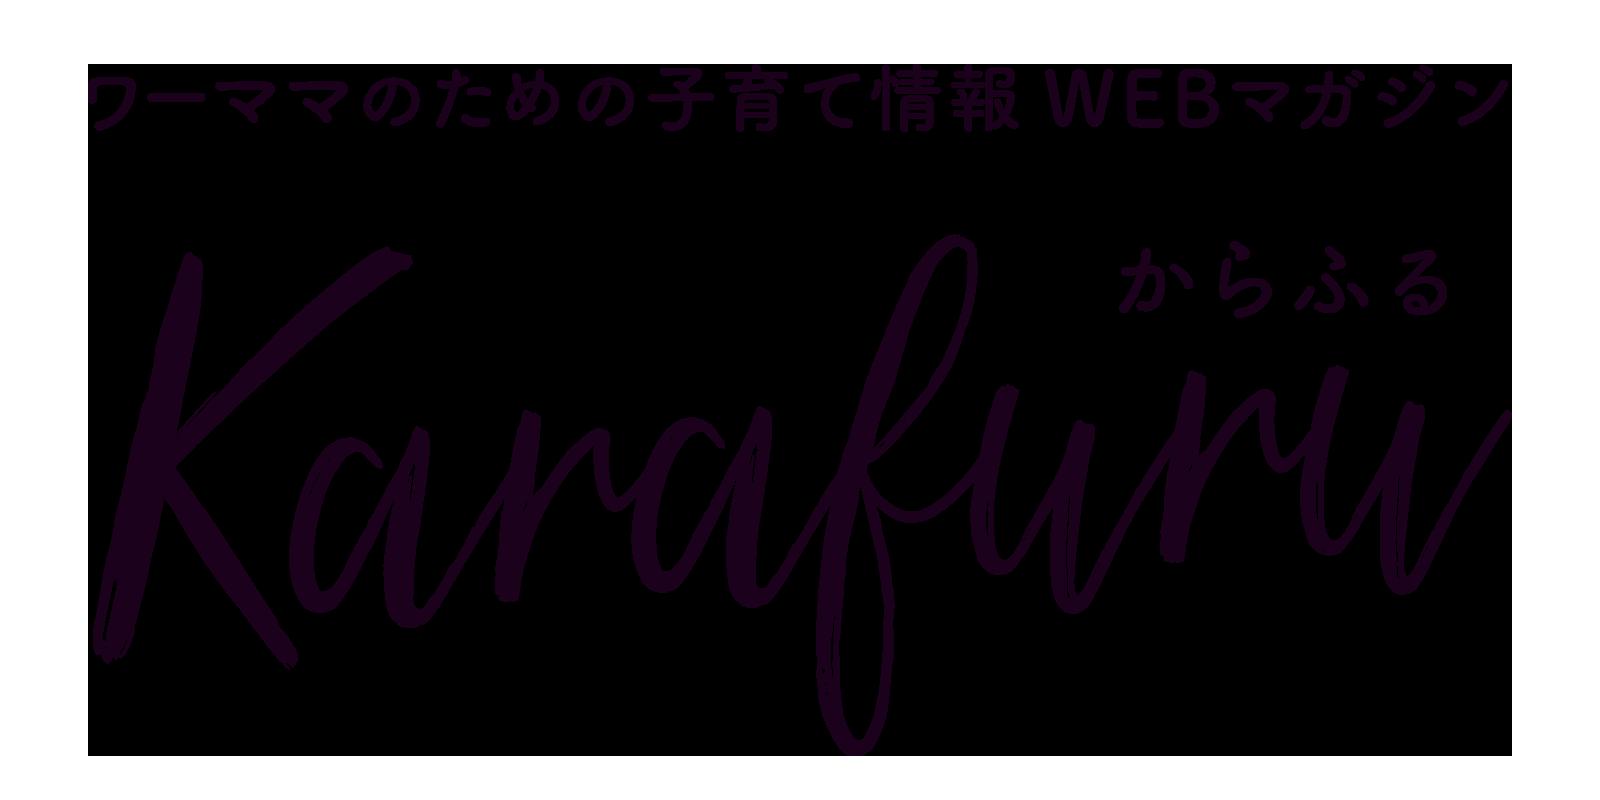 ワーママのための子育て情報 WEBマガジン Karafuruからふる